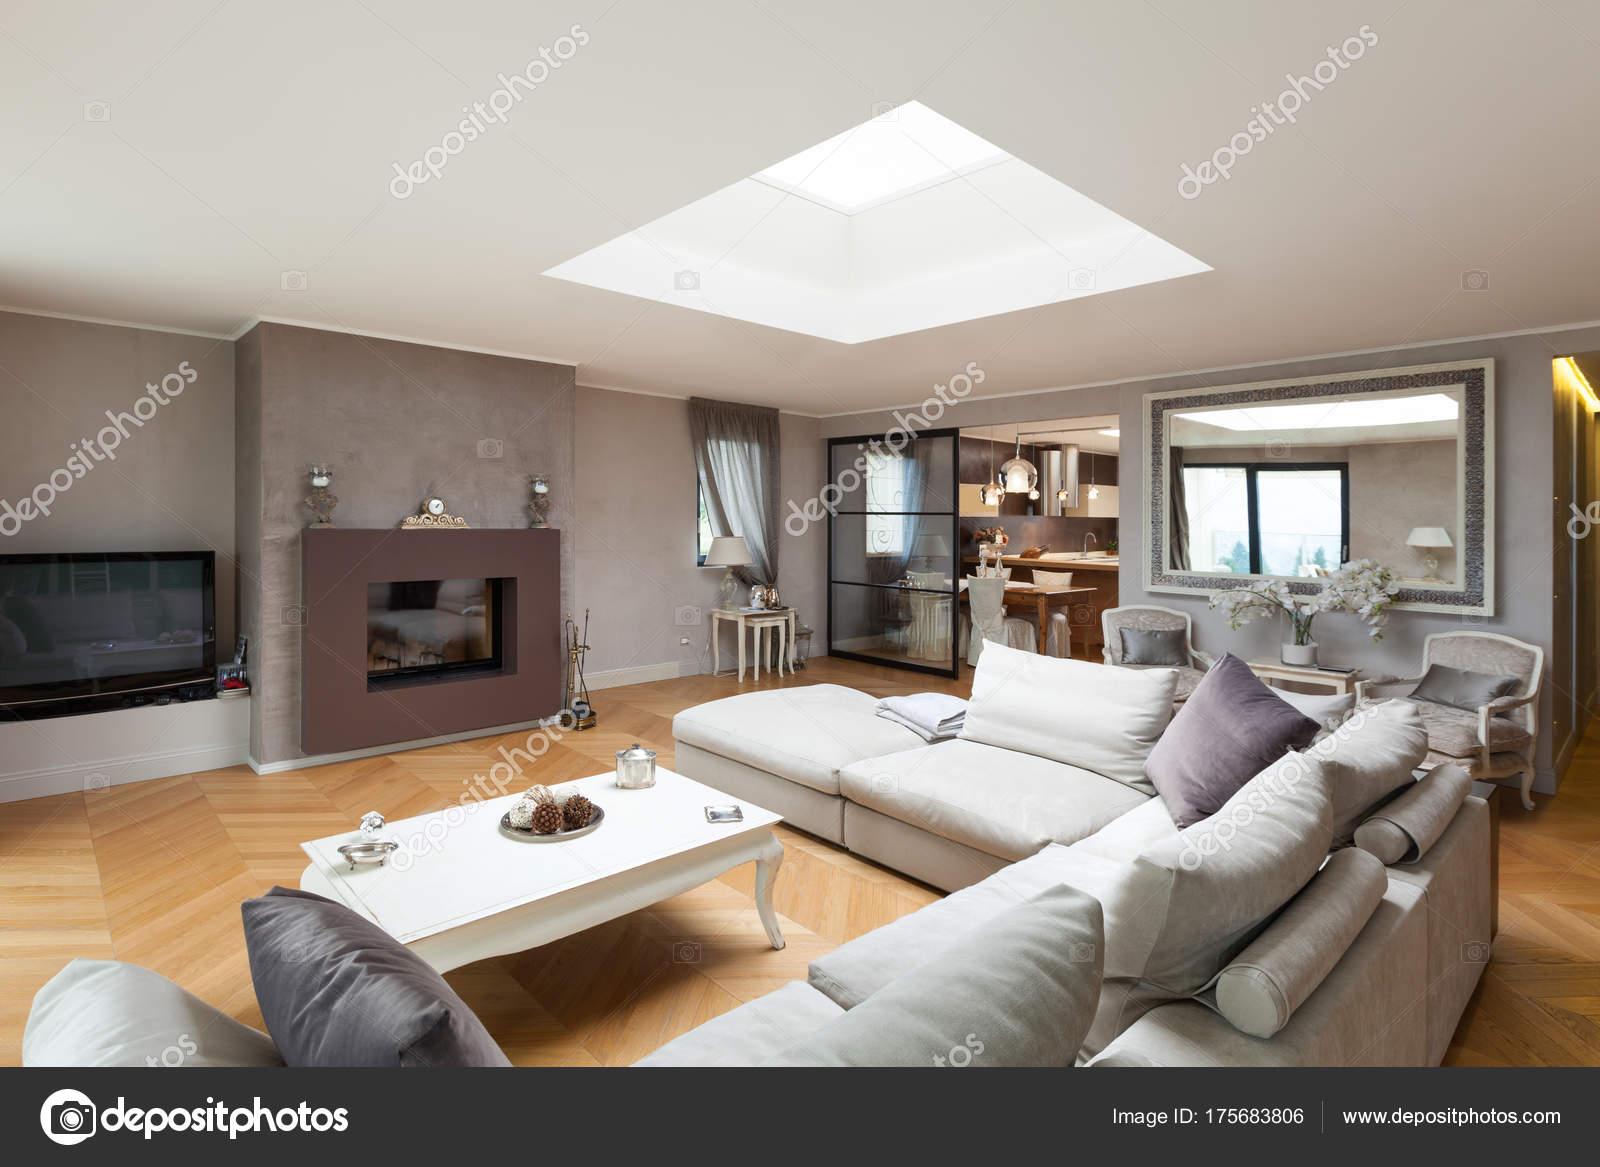 Bellissimo appartamento arredato foto stock zveiger for Foto di appartamenti arredati